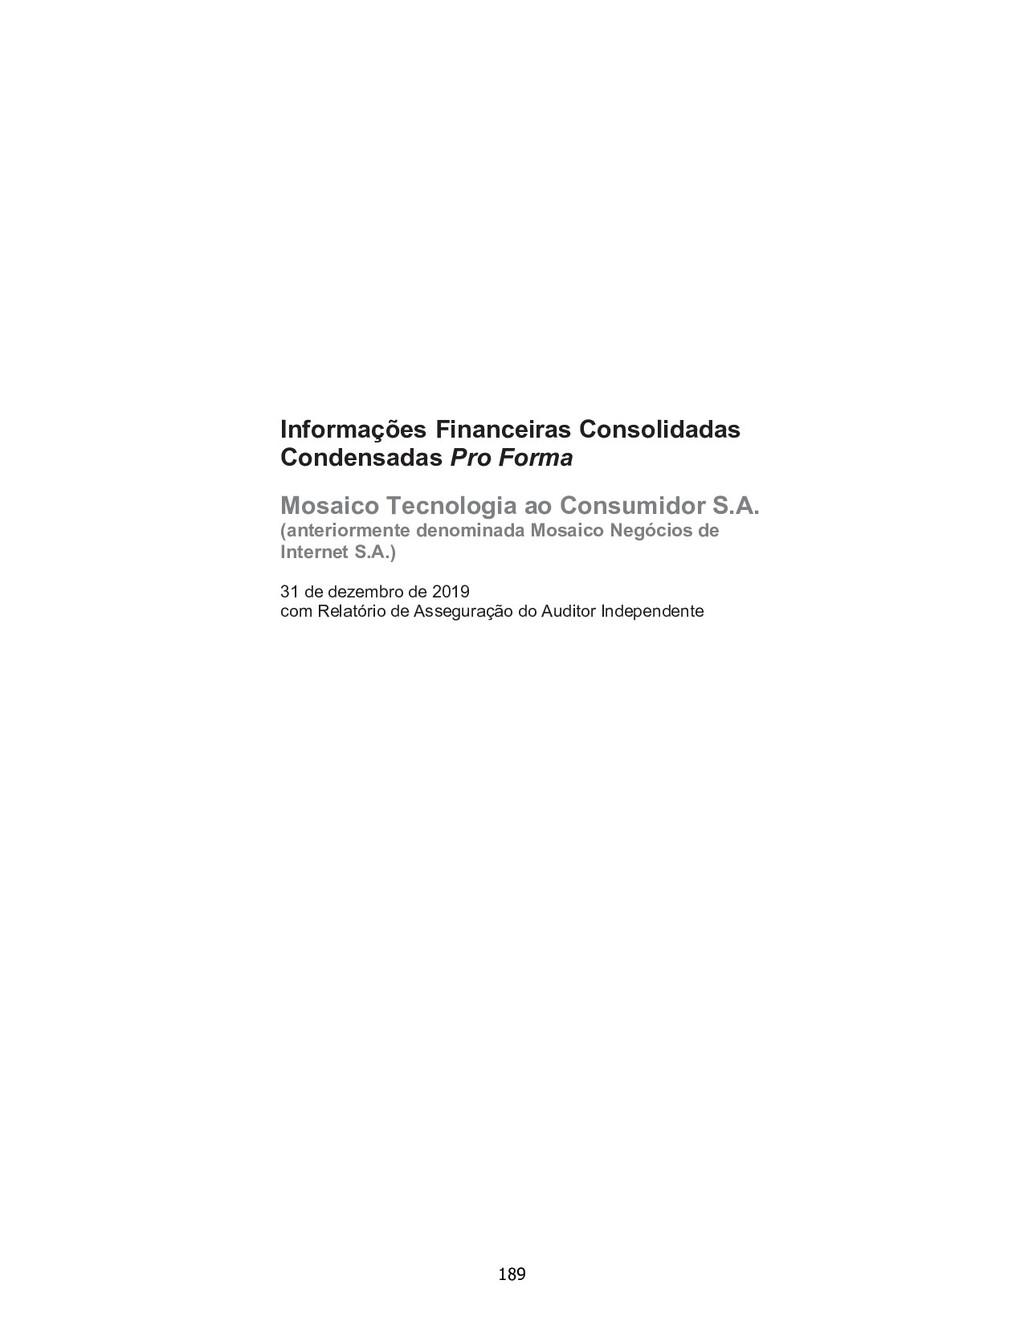 Informações Financeiras Consolidadas Condensada...